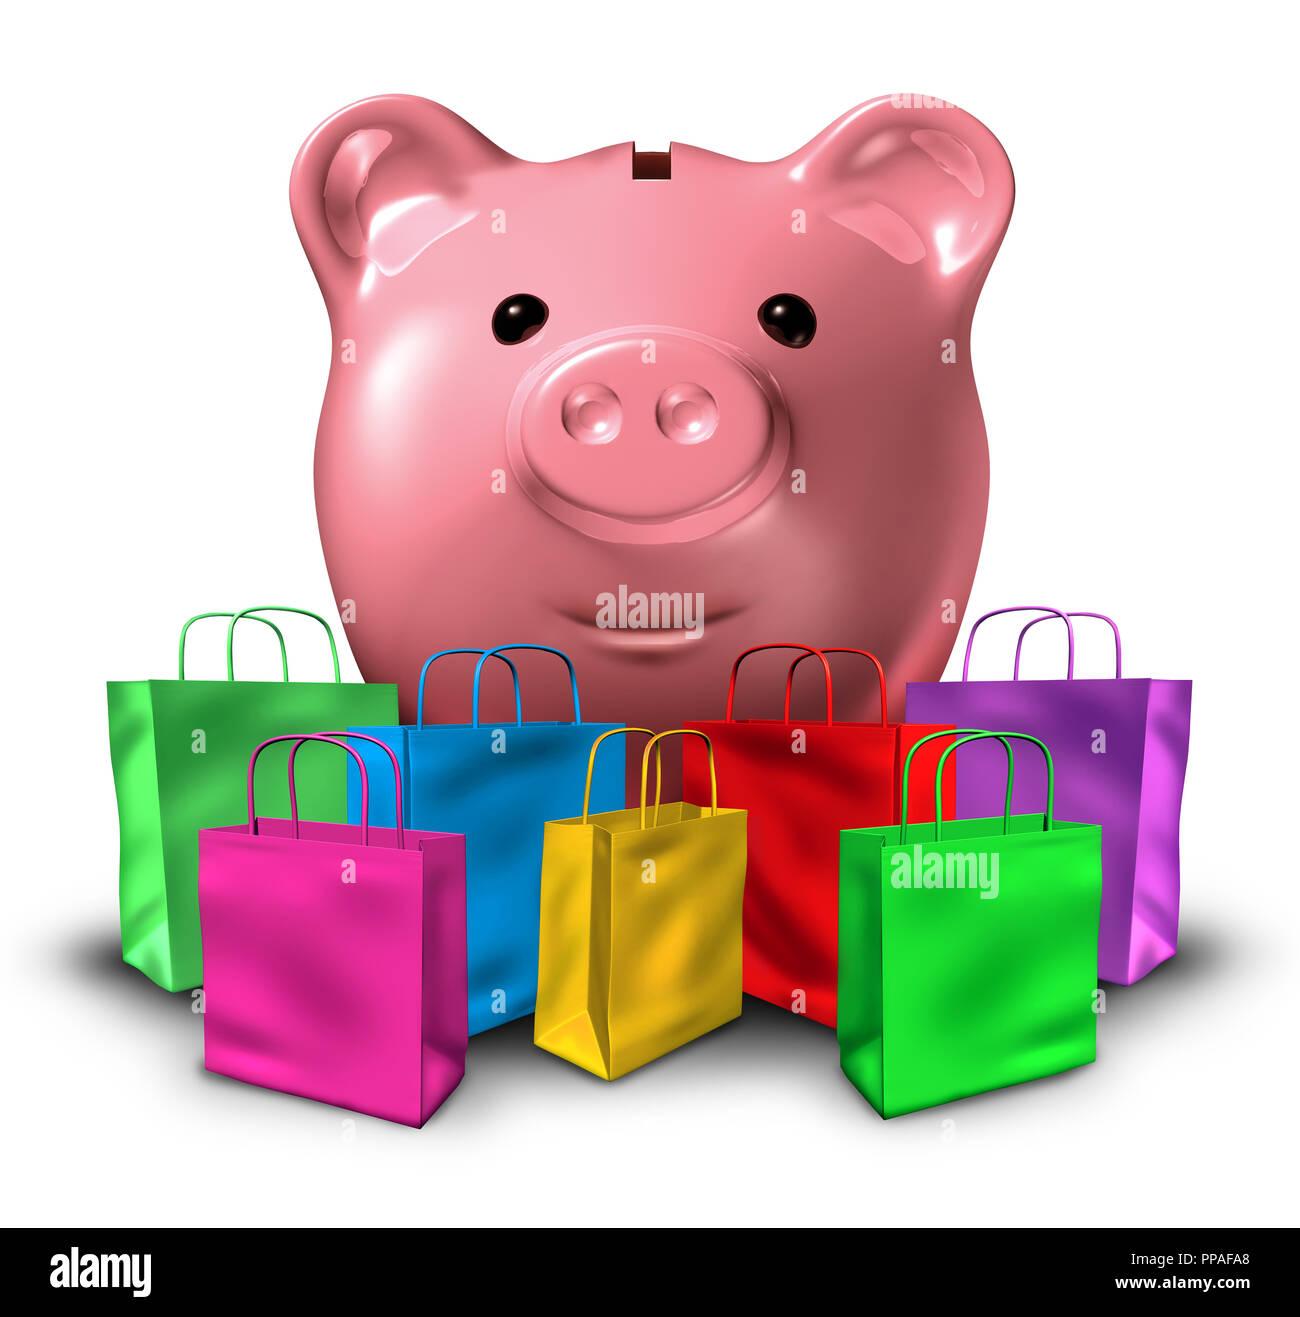 La deuda de consumo y gasto del presupuesto comercial concepto y consumismo con bolsas de compras y una alcancía que representa el crédito de la tienda y la presupuestación. Foto de stock